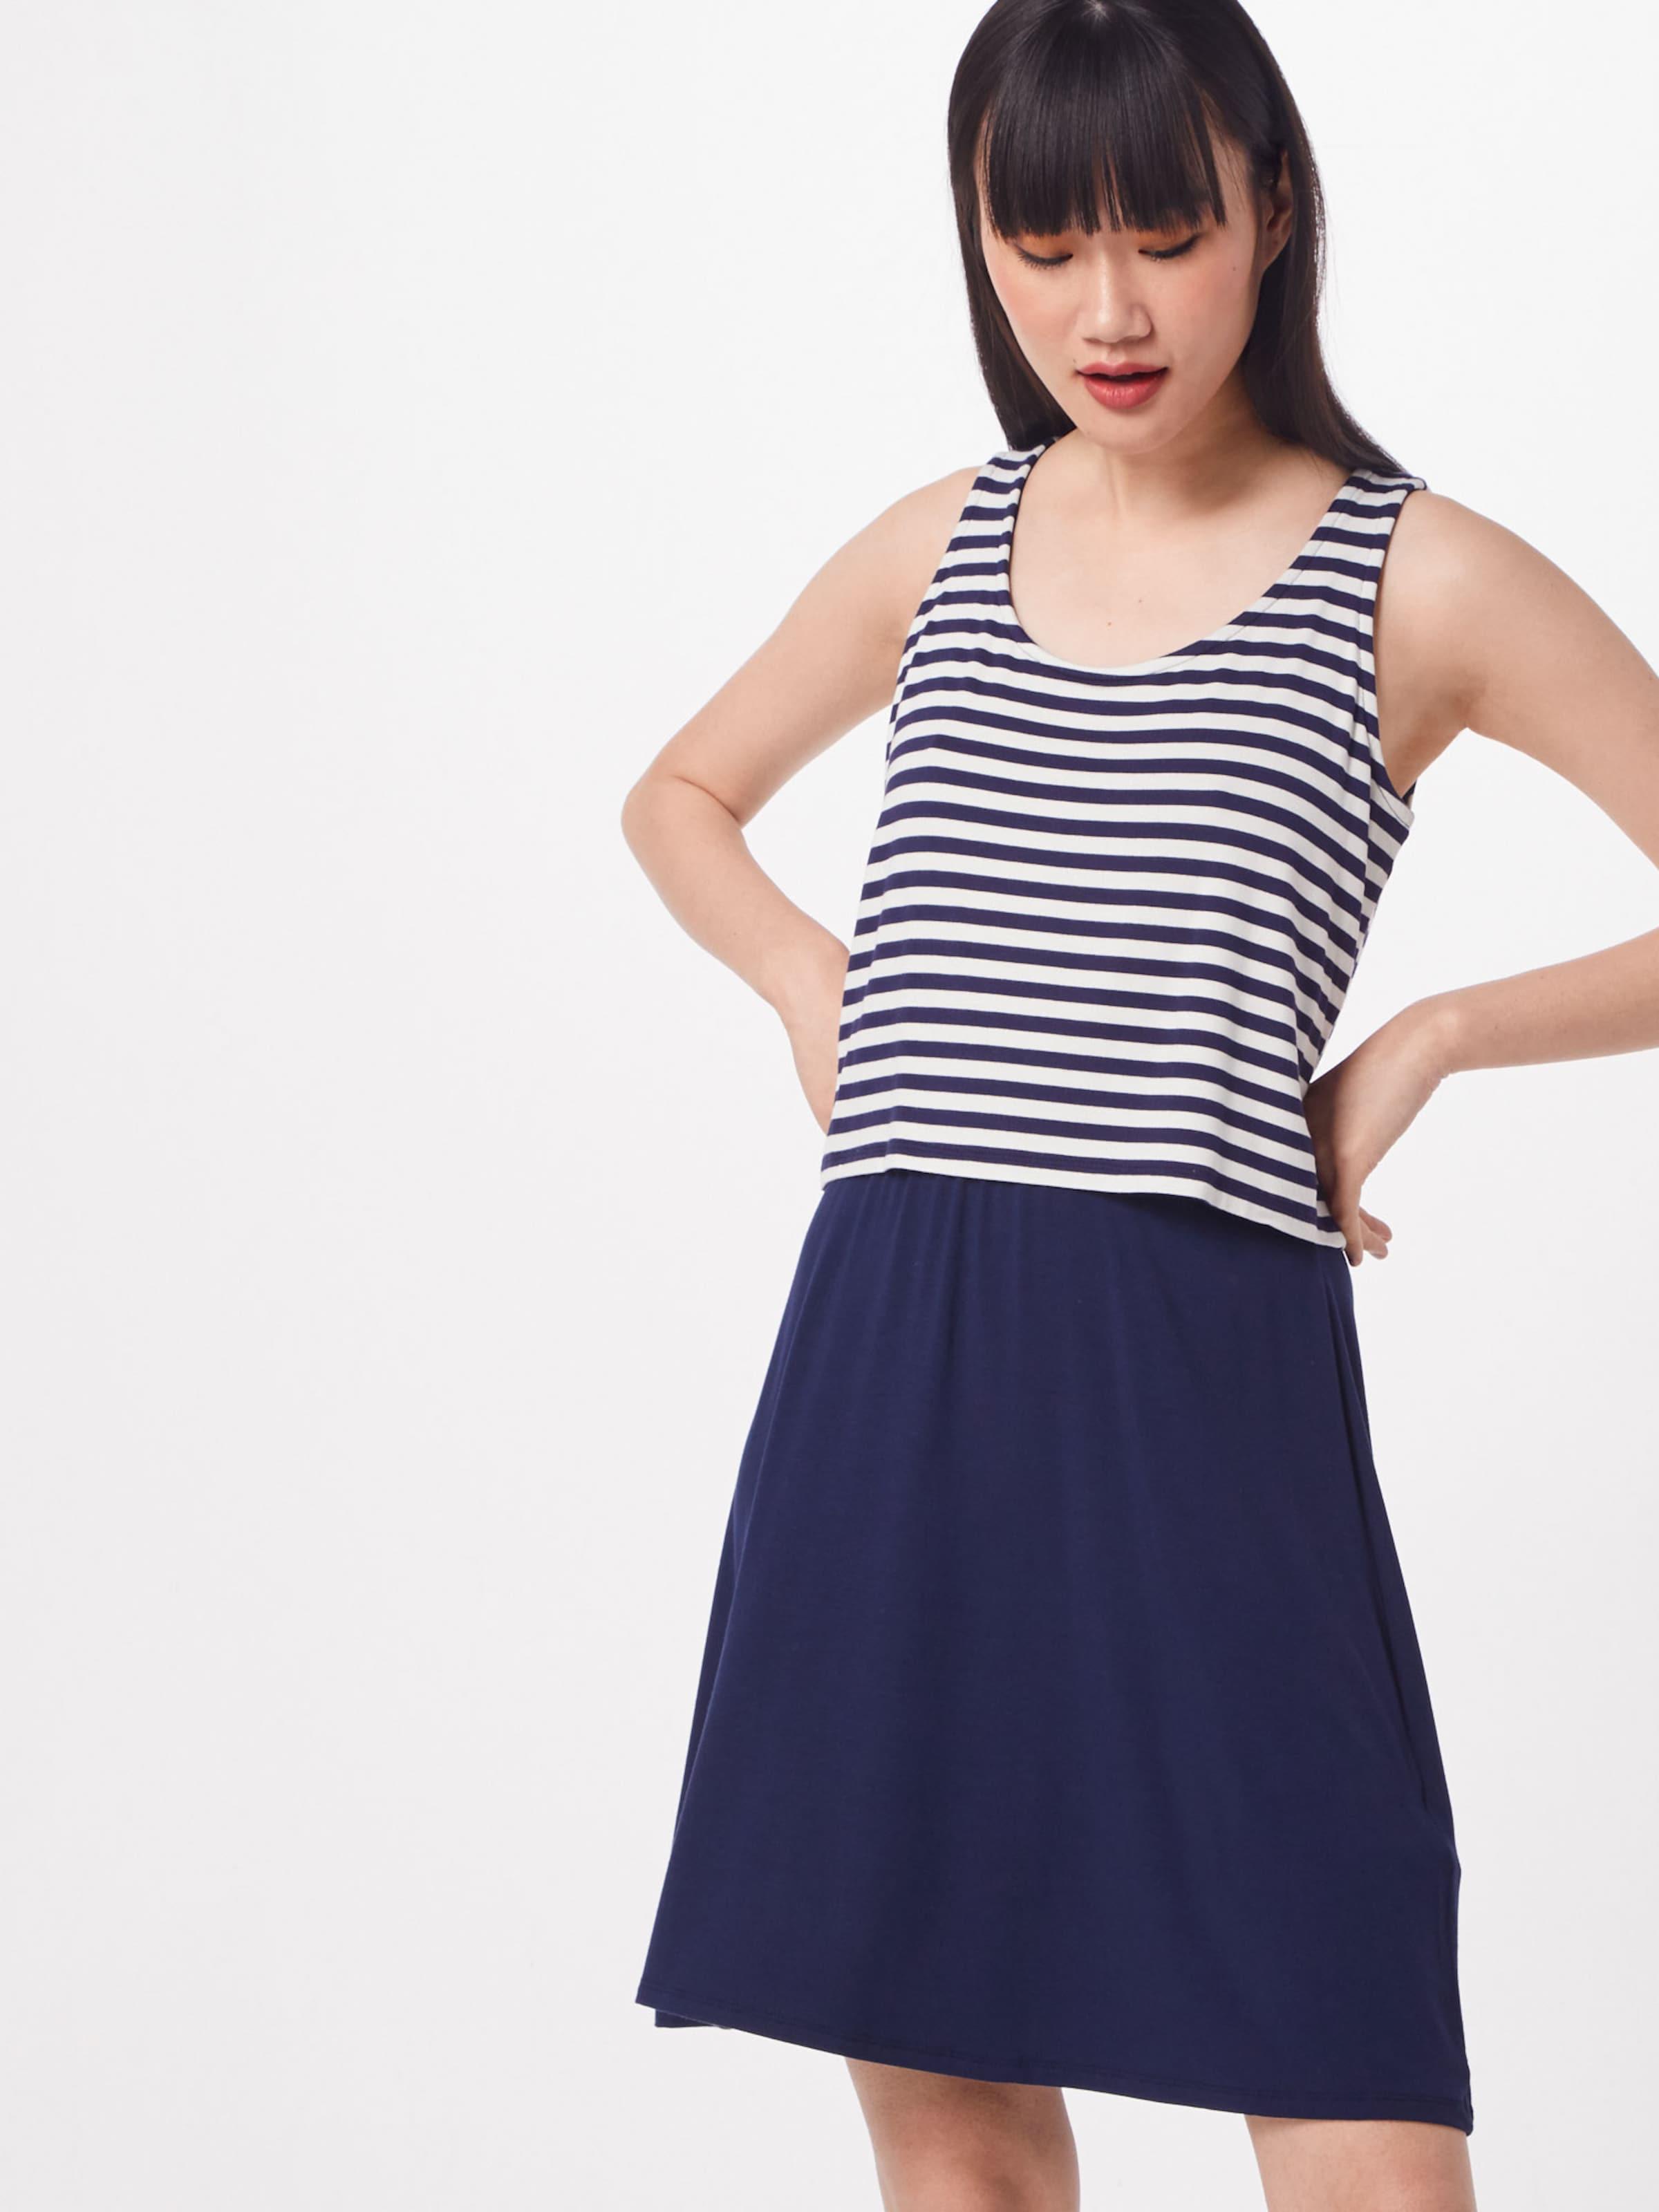 Esprit Kleid NavyWeiß In Kleid 'layering' Esprit nwP80OkX